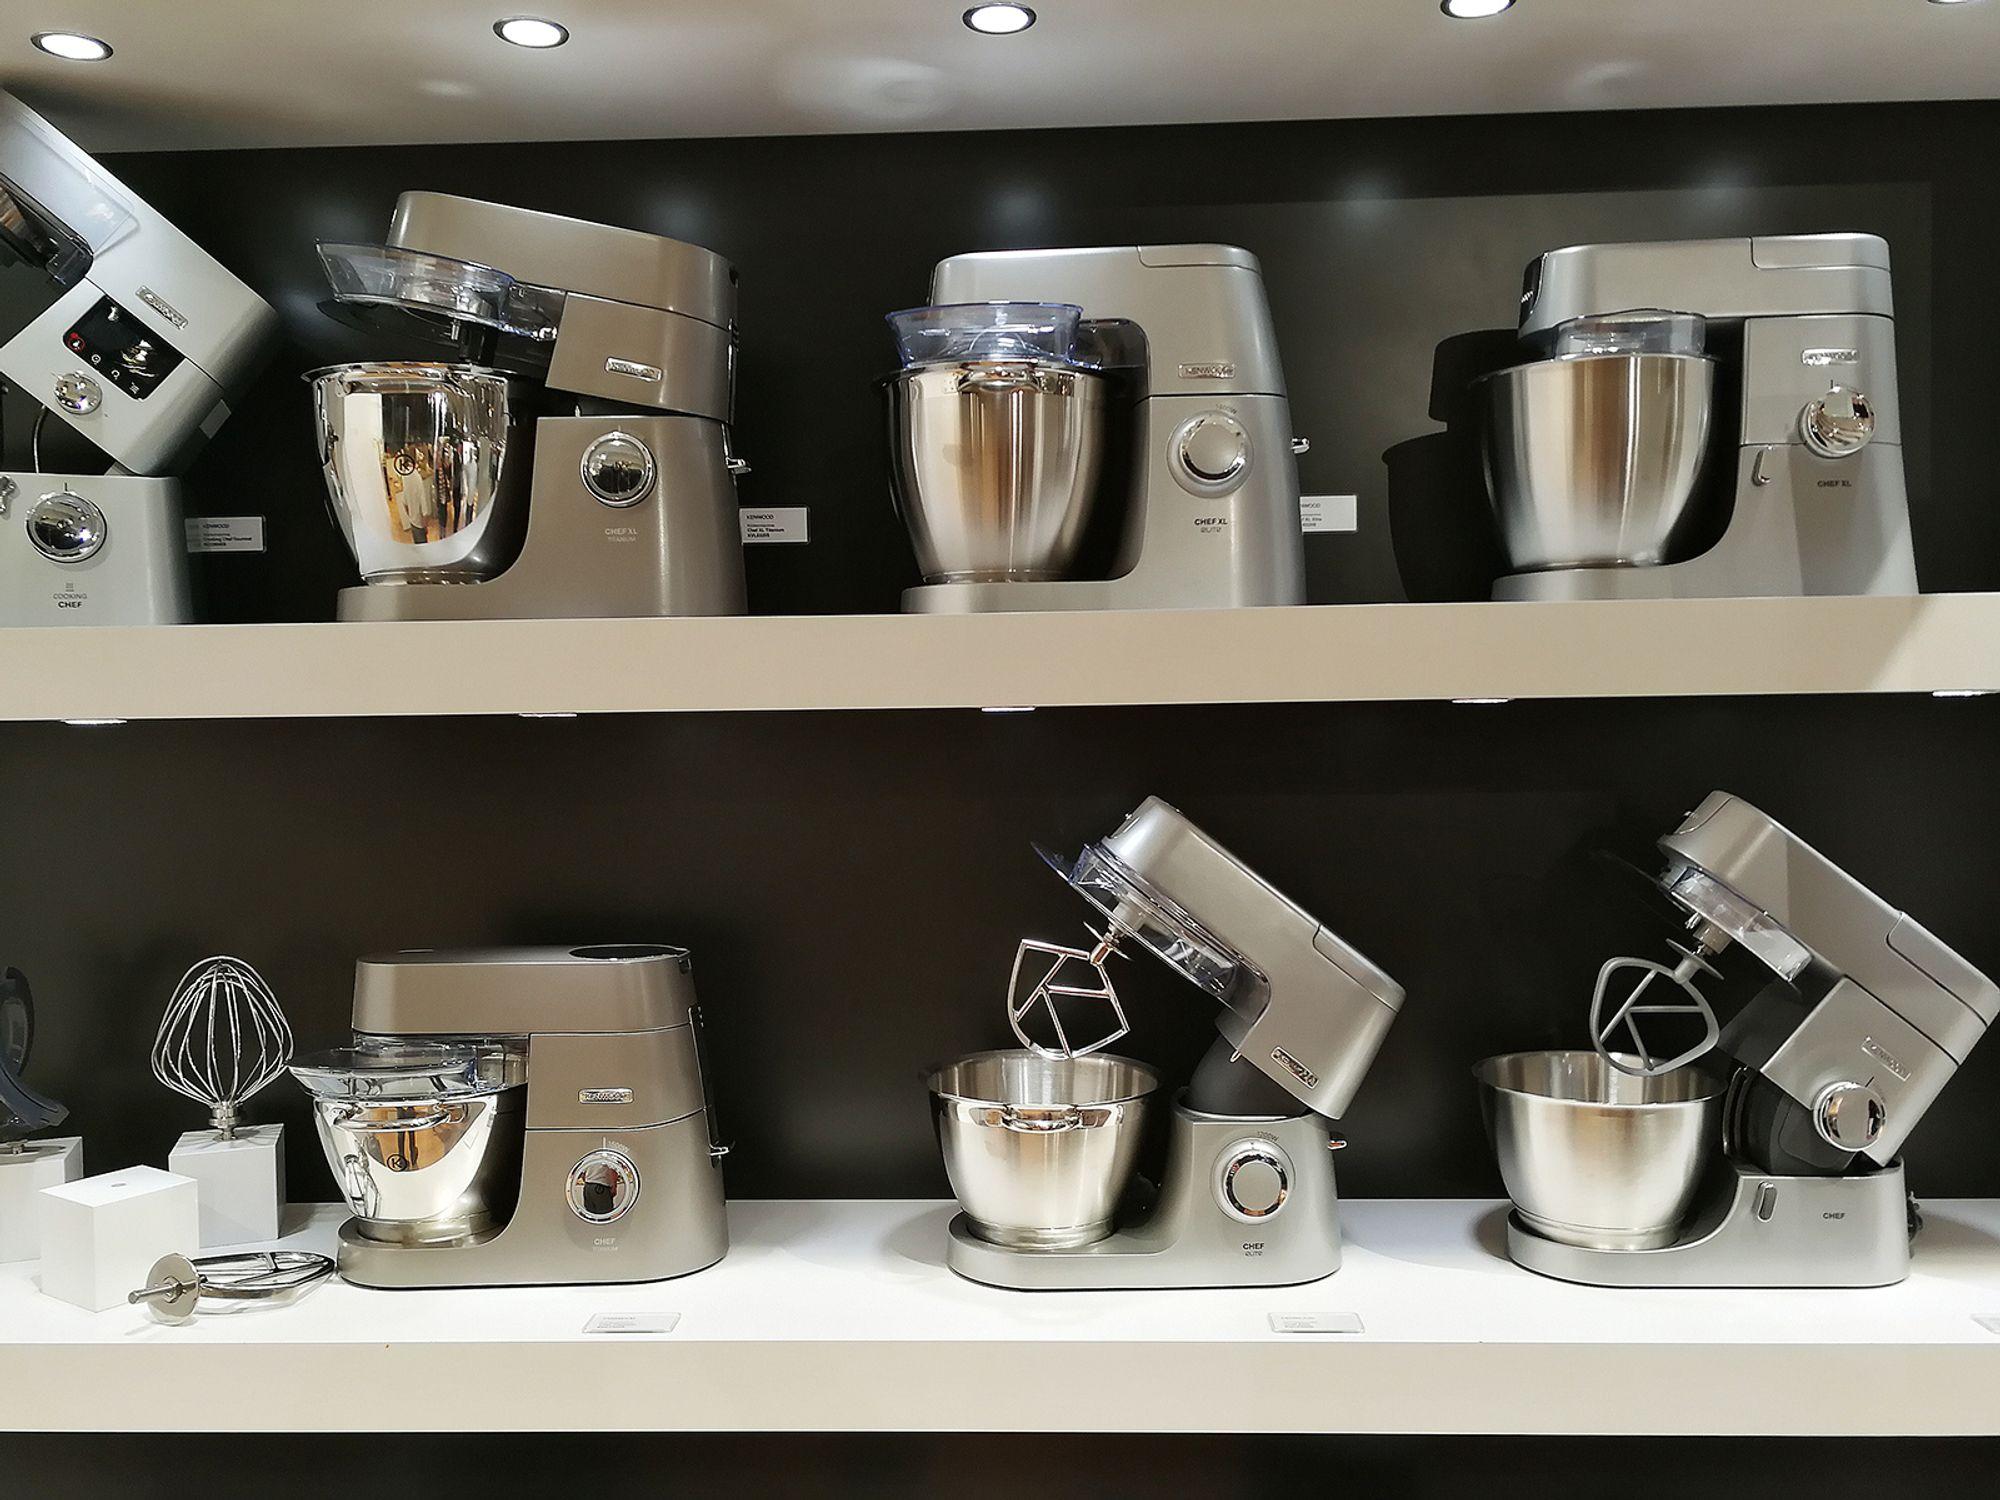 I den nye Kenwood serie av kjøkkenmaskiner kommer alle modellene i stål-utførelse. Foto: Marte Ottemo.